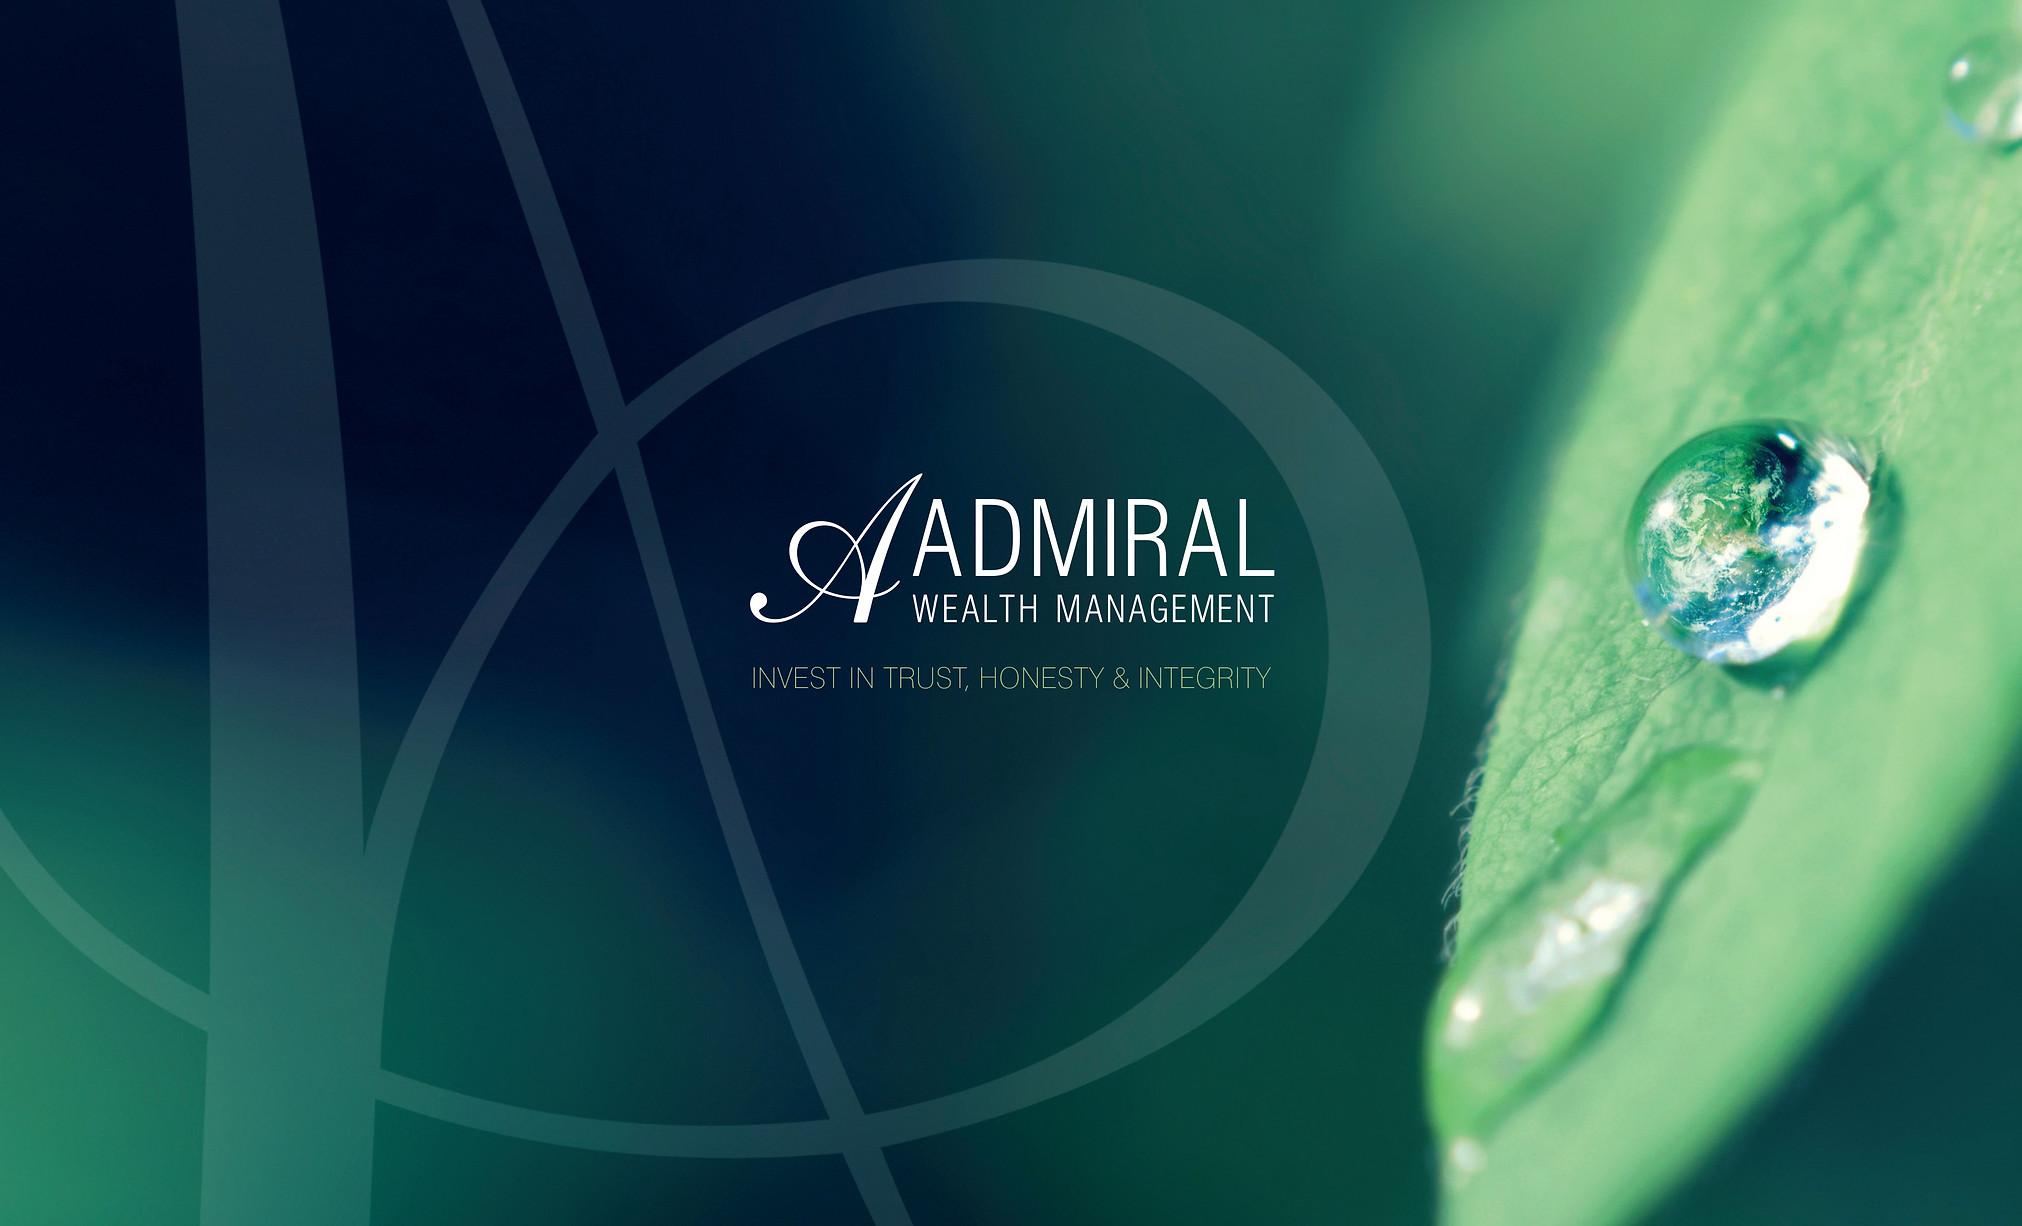 Admiral-Wealth-Management-1.jpg